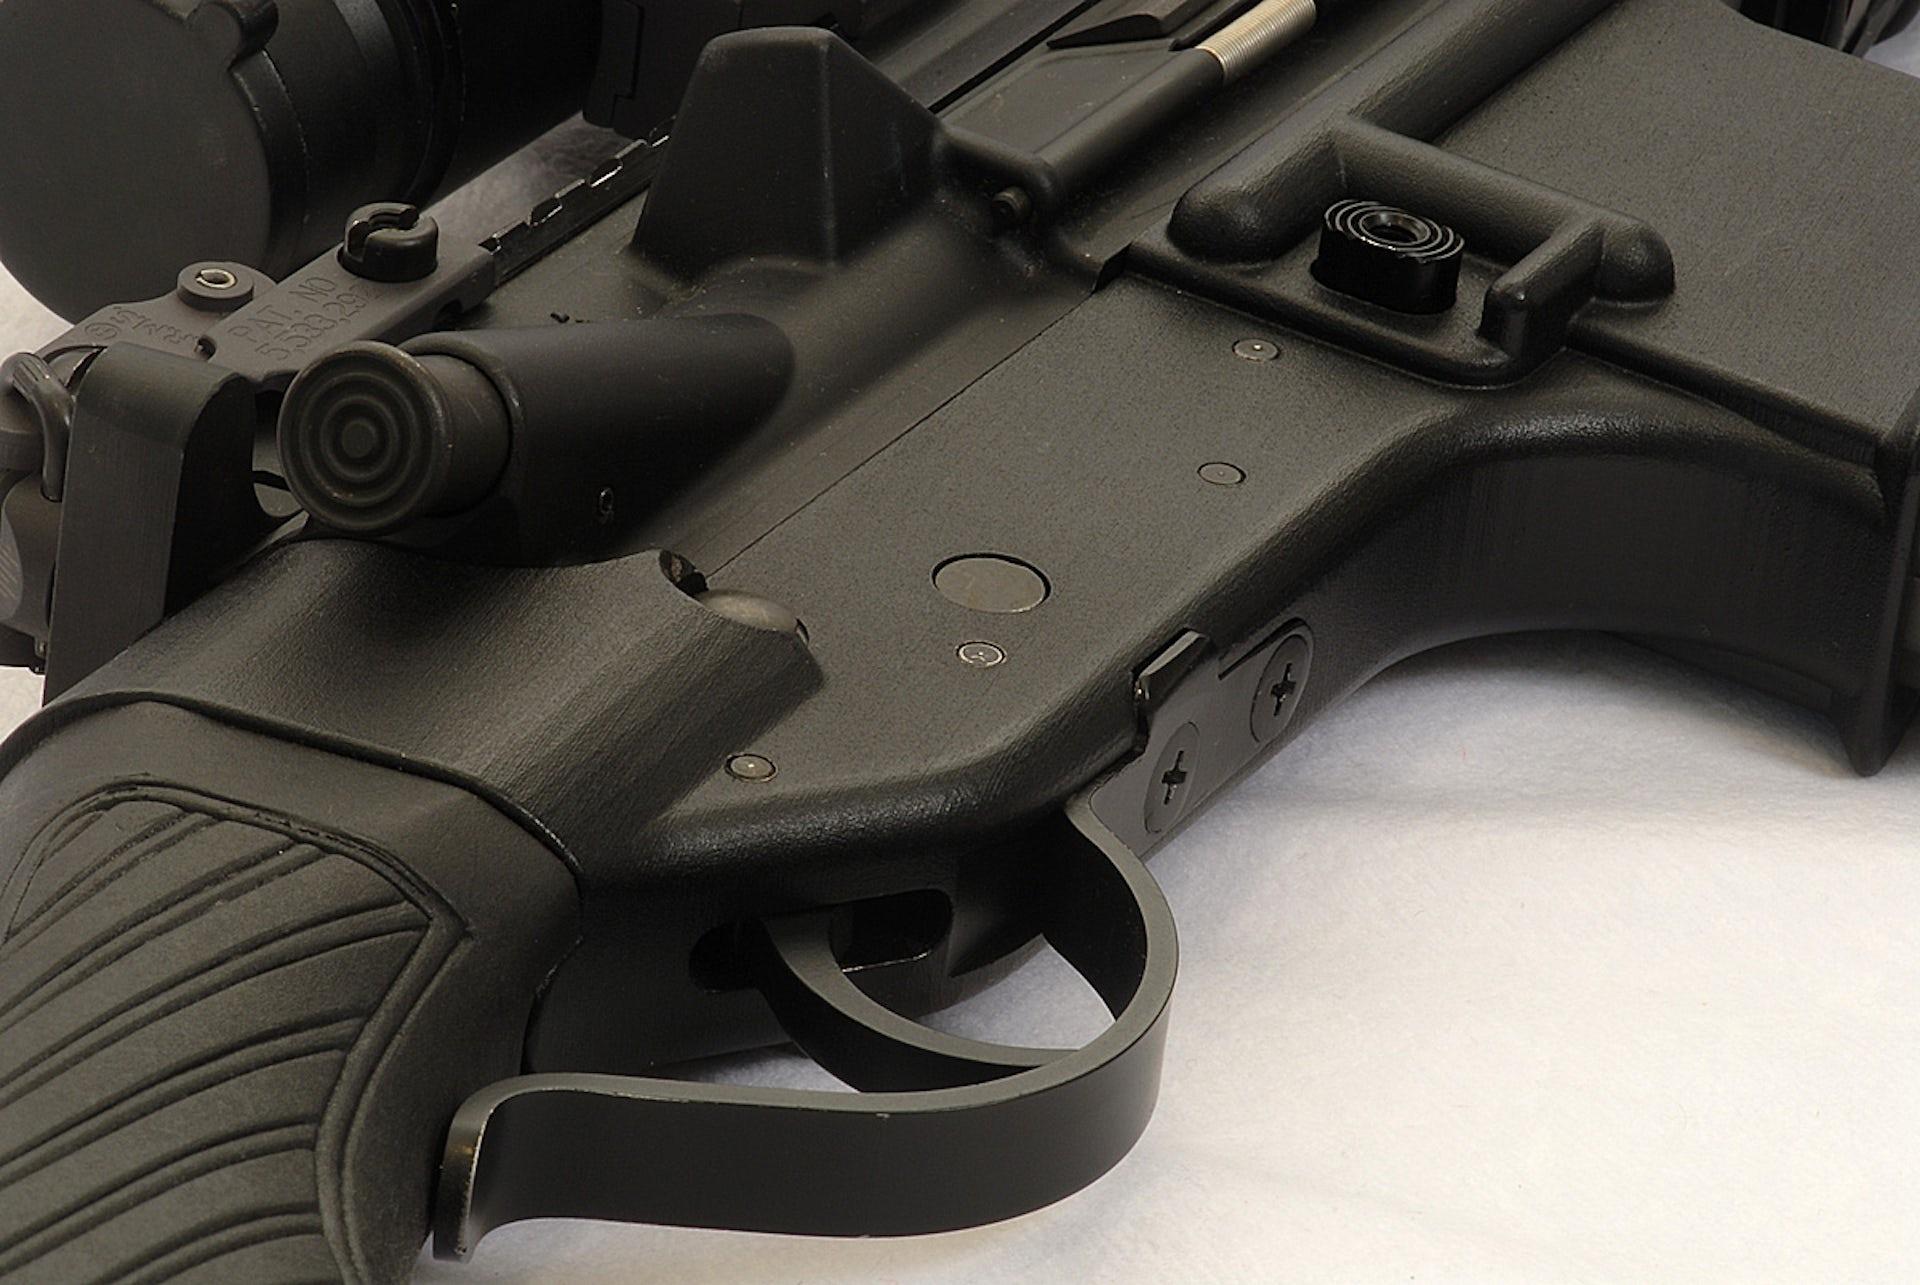 From gun kits to 3D printable guns, a short history of rogue gun makers